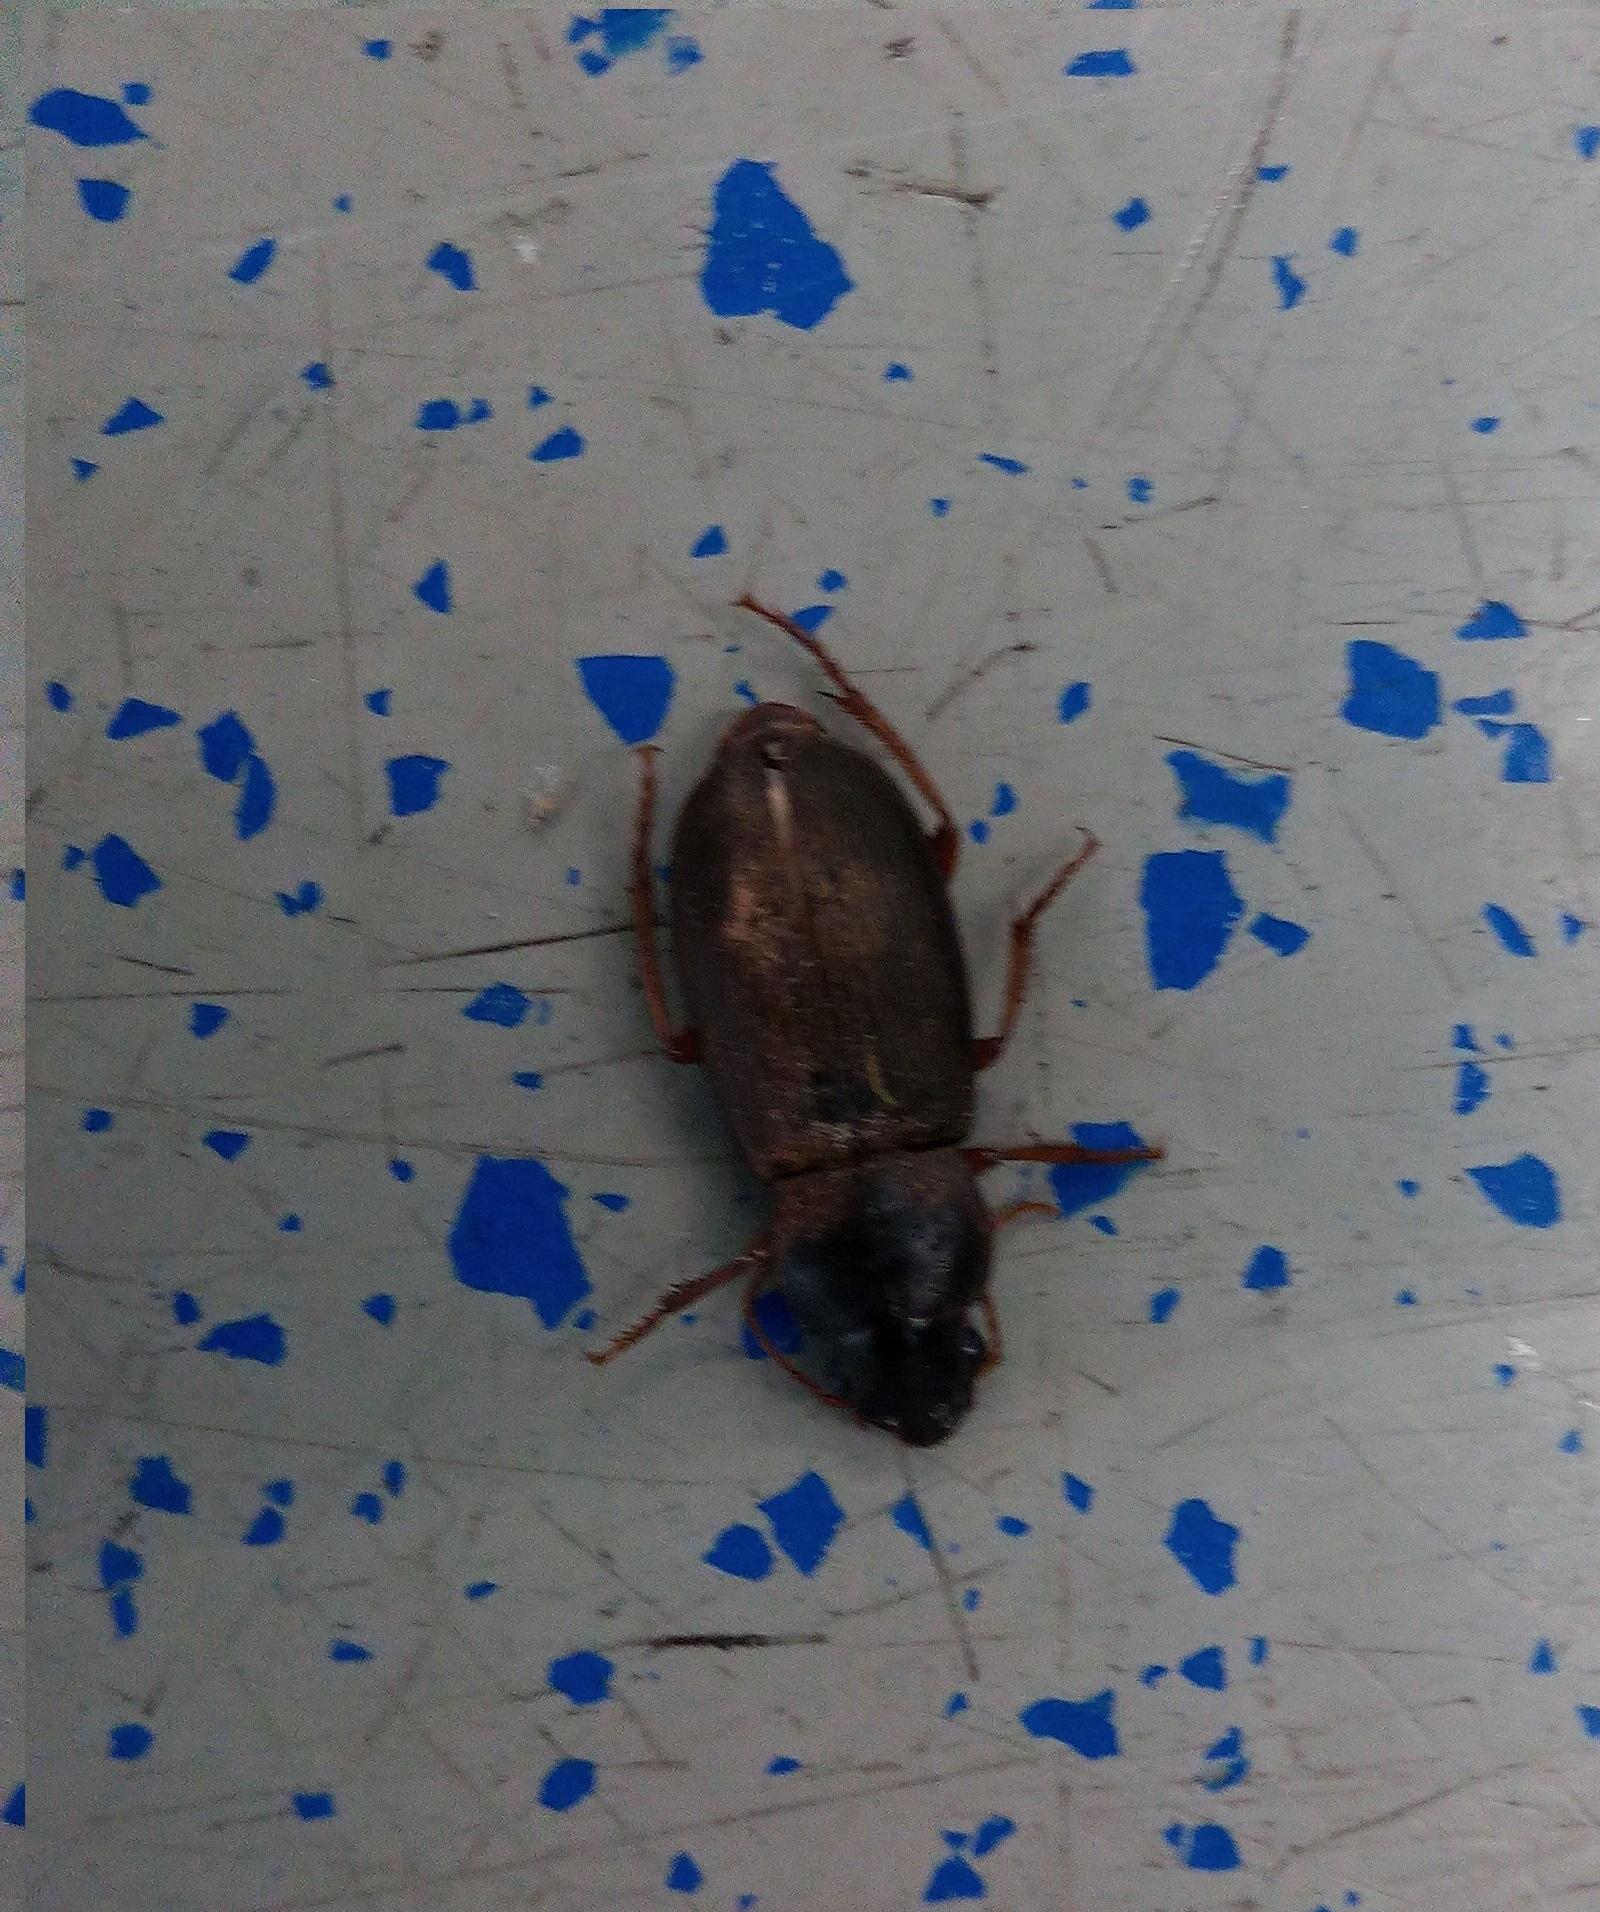 um welches insekt handelt es sich ist es eine kakerlake insekten sch dlinge kakerlaken. Black Bedroom Furniture Sets. Home Design Ideas